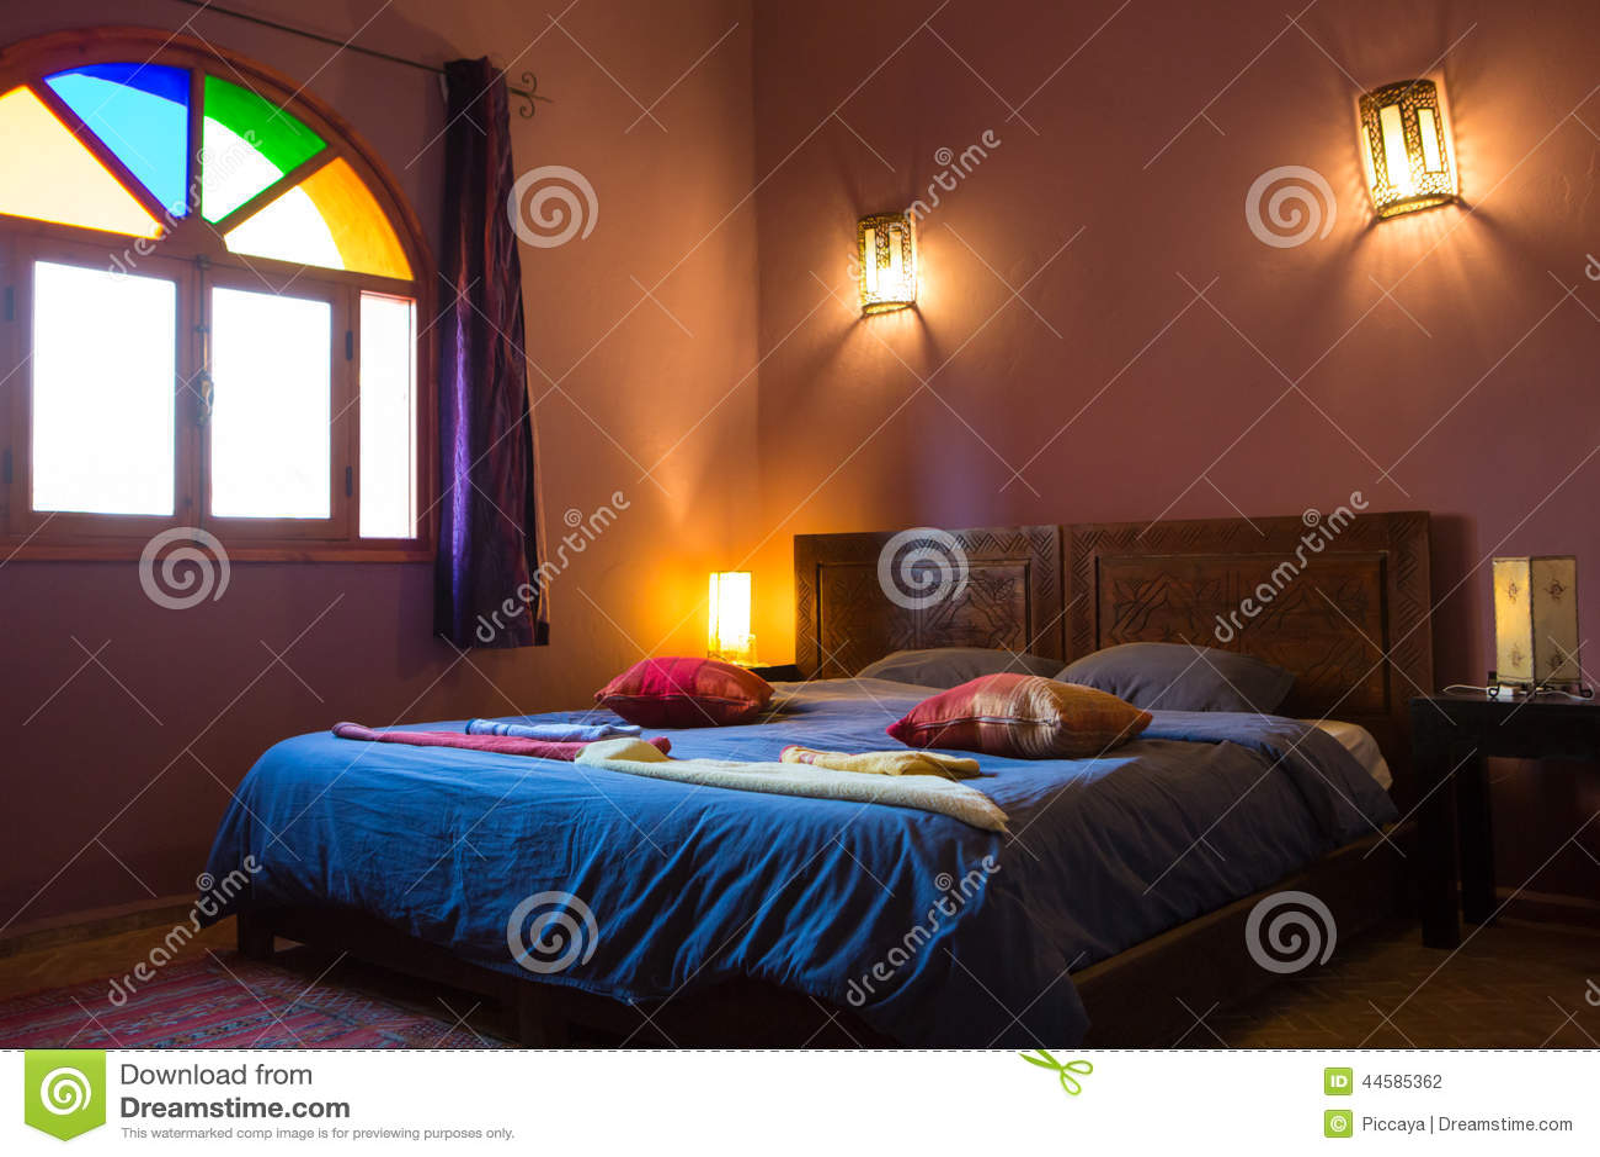 Camere Da Letto Marocco : Camera da letto marocchina autentica nel riad tradizionale